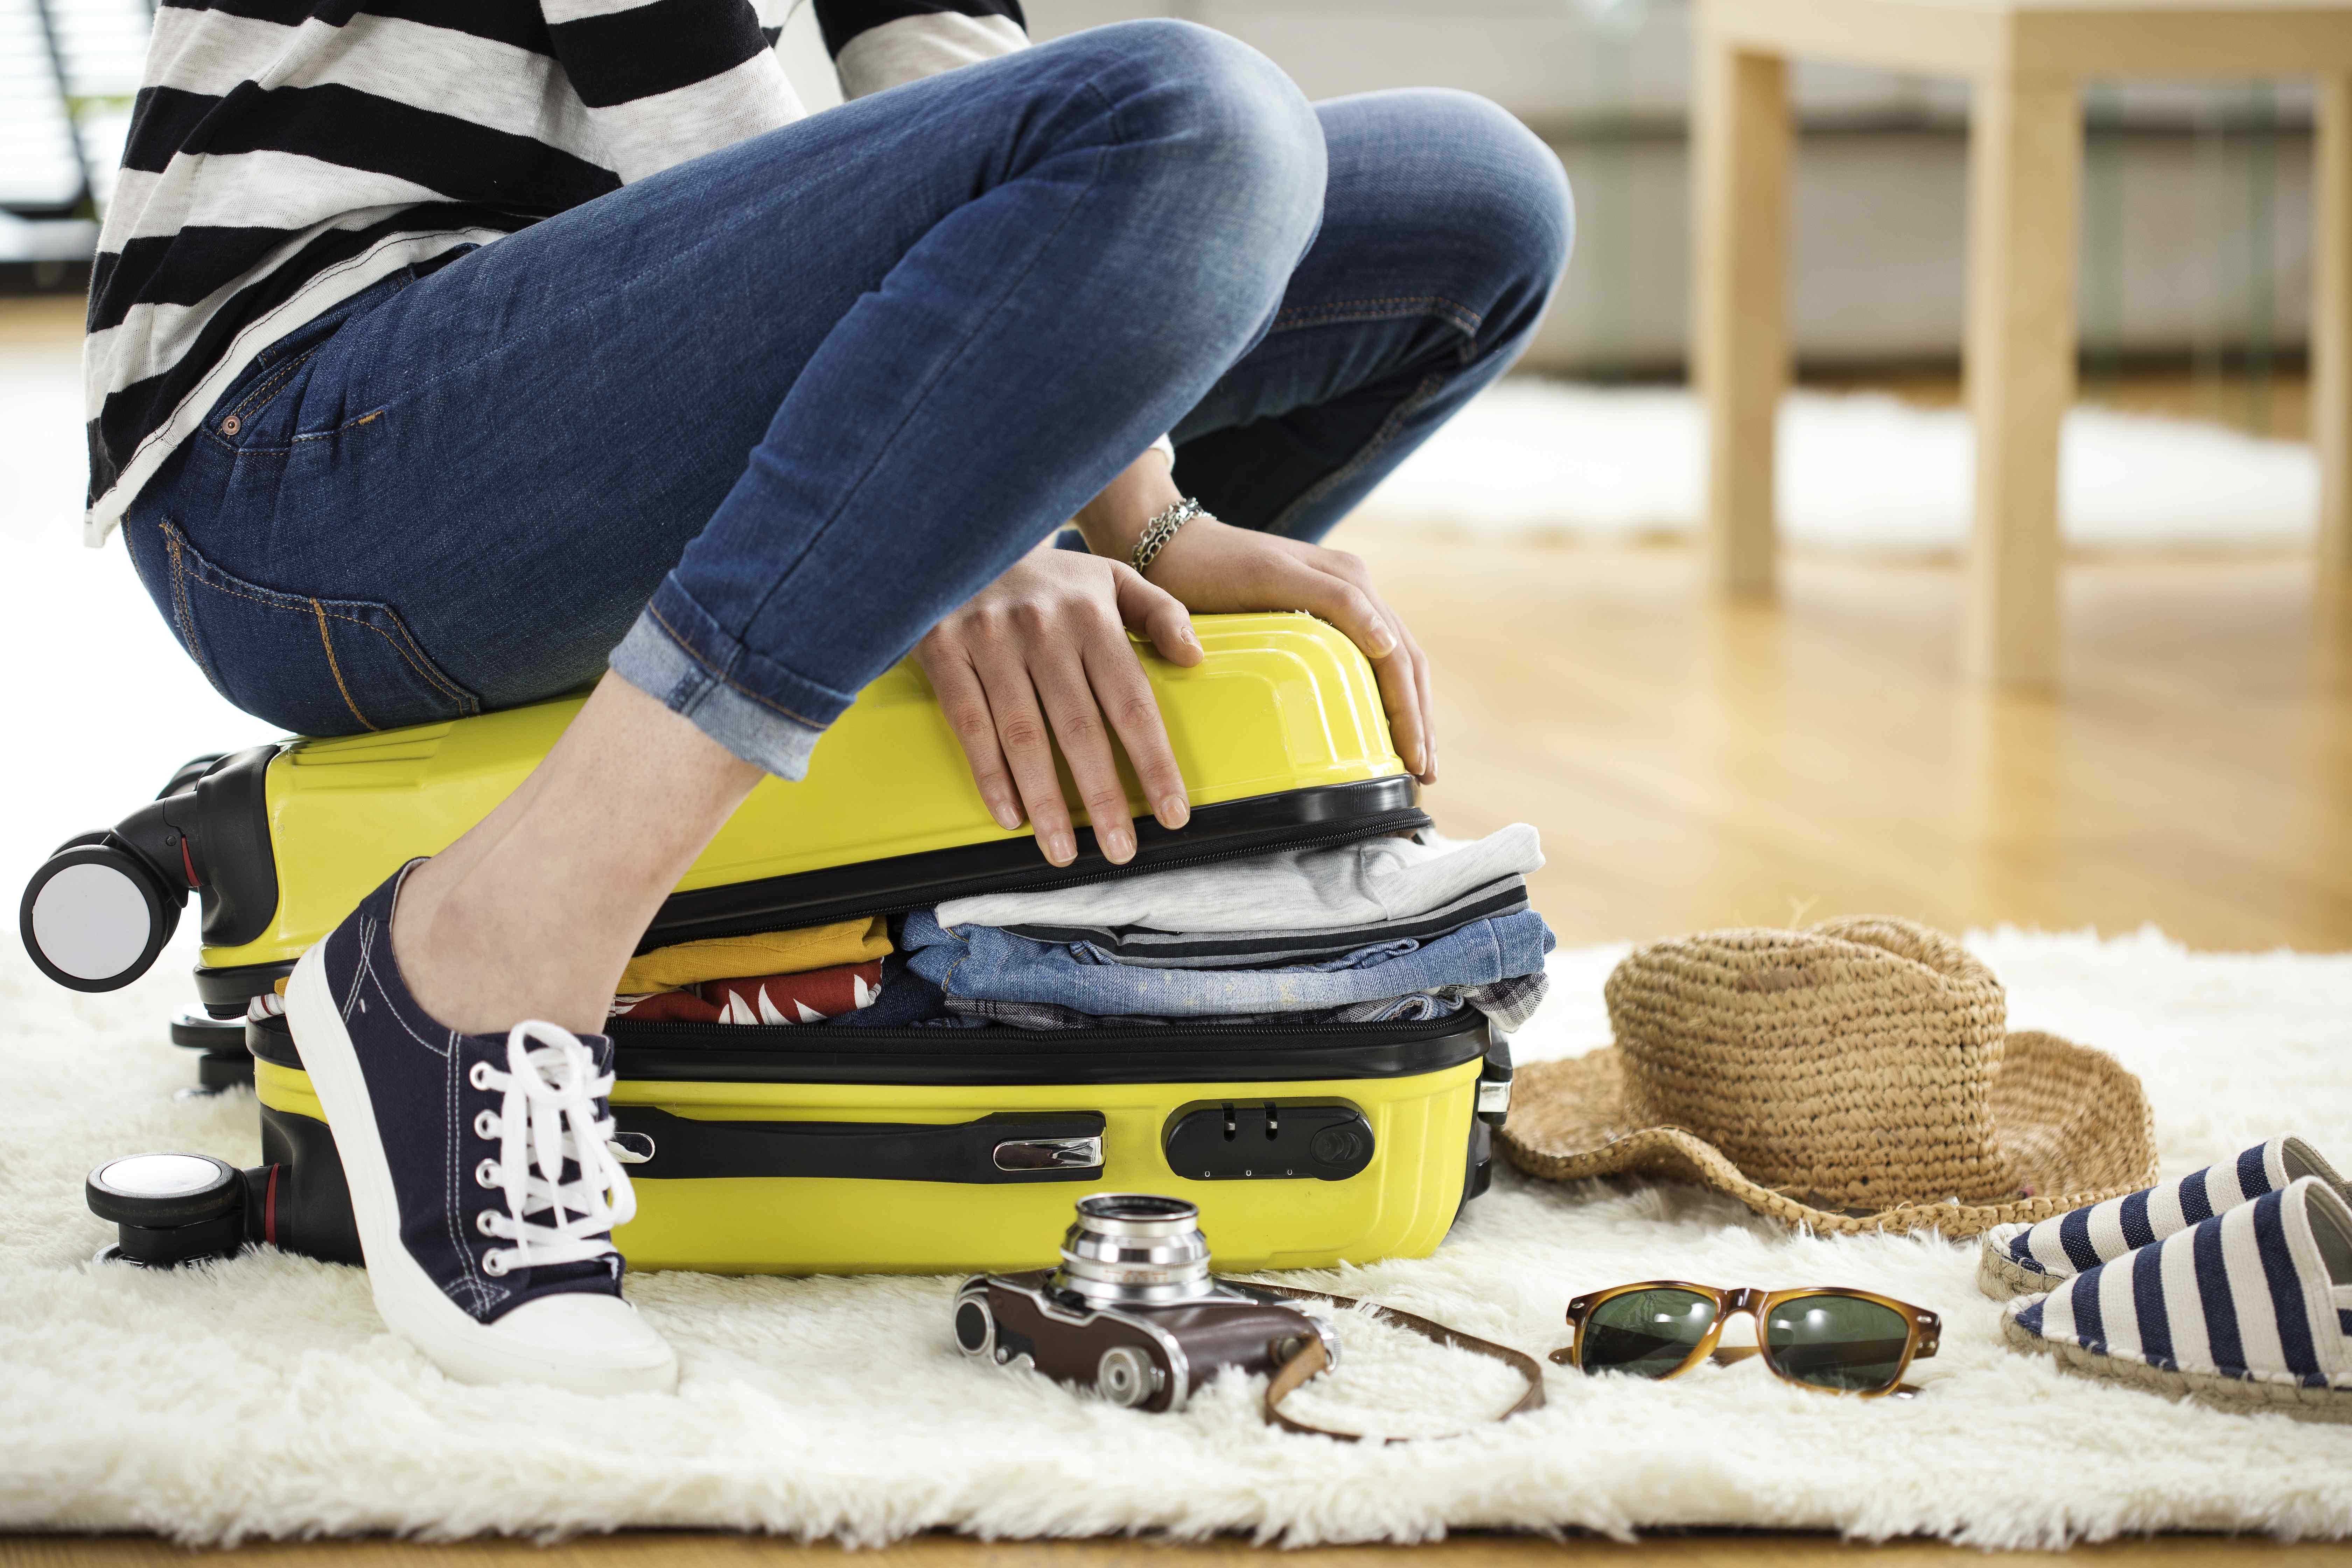 Przesyłanie bagażu – kiedy jest bardziej opłacalne niż zabieranie go samolotem?